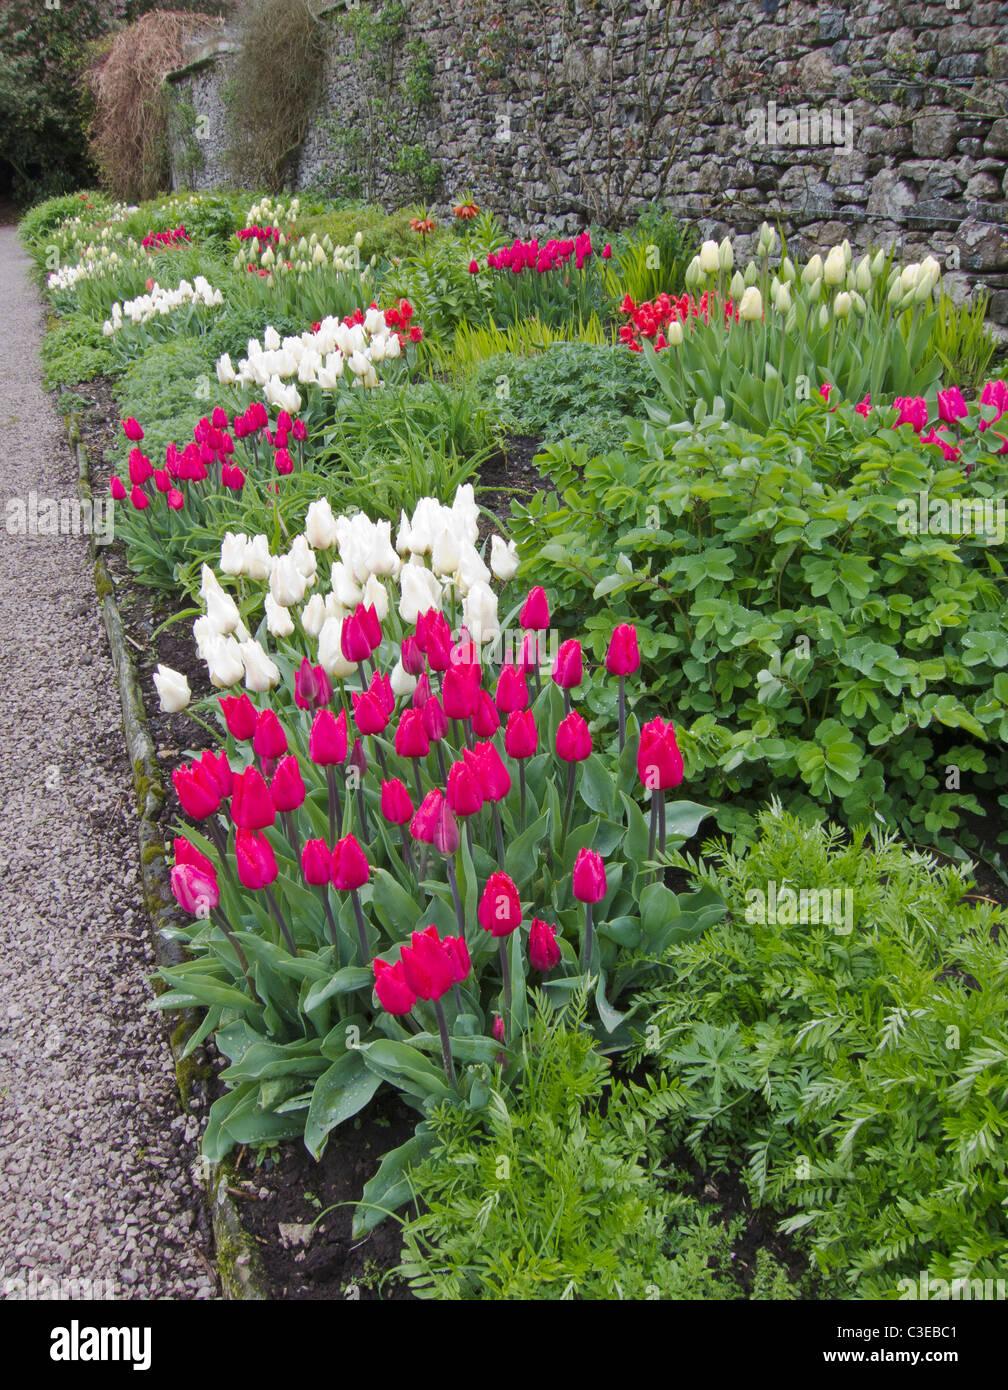 Flower confine con i tulipani, Giardino Inglese, Inghilterra, Regno Unito. Foto Stock